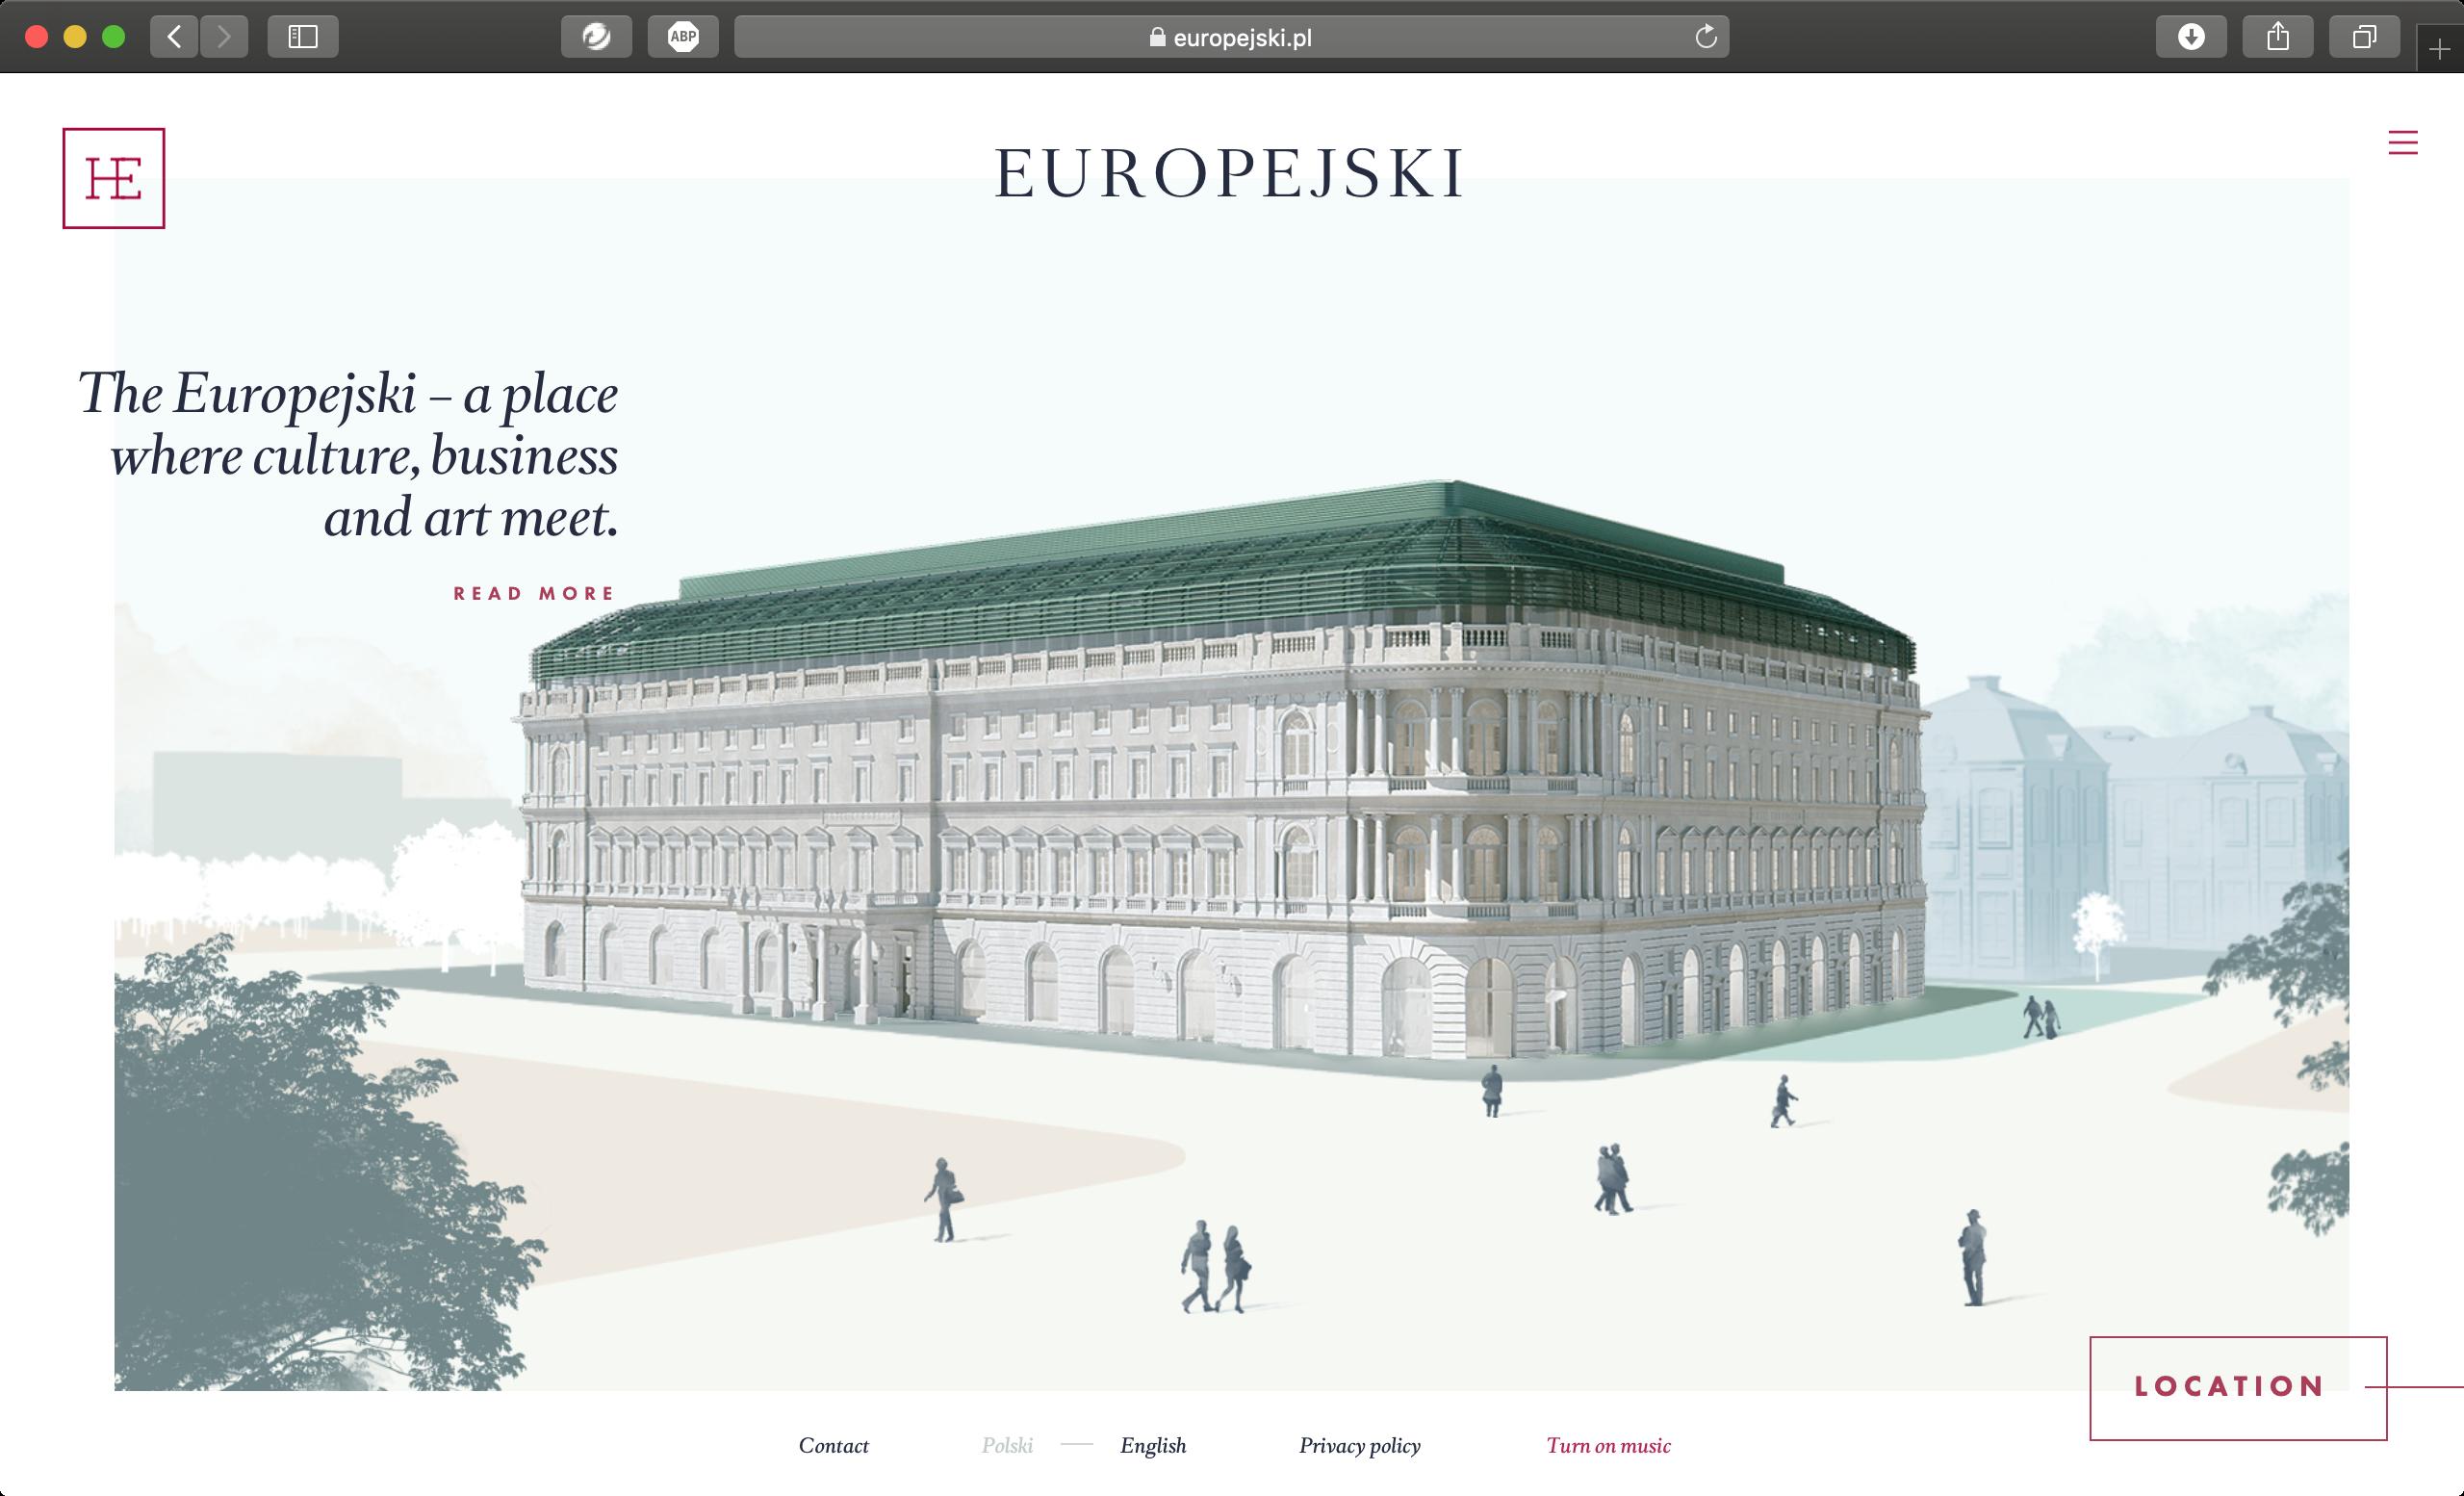 お手本にしたい! 海外のかっこいい建築系ホームページ 見つけ方と成功例